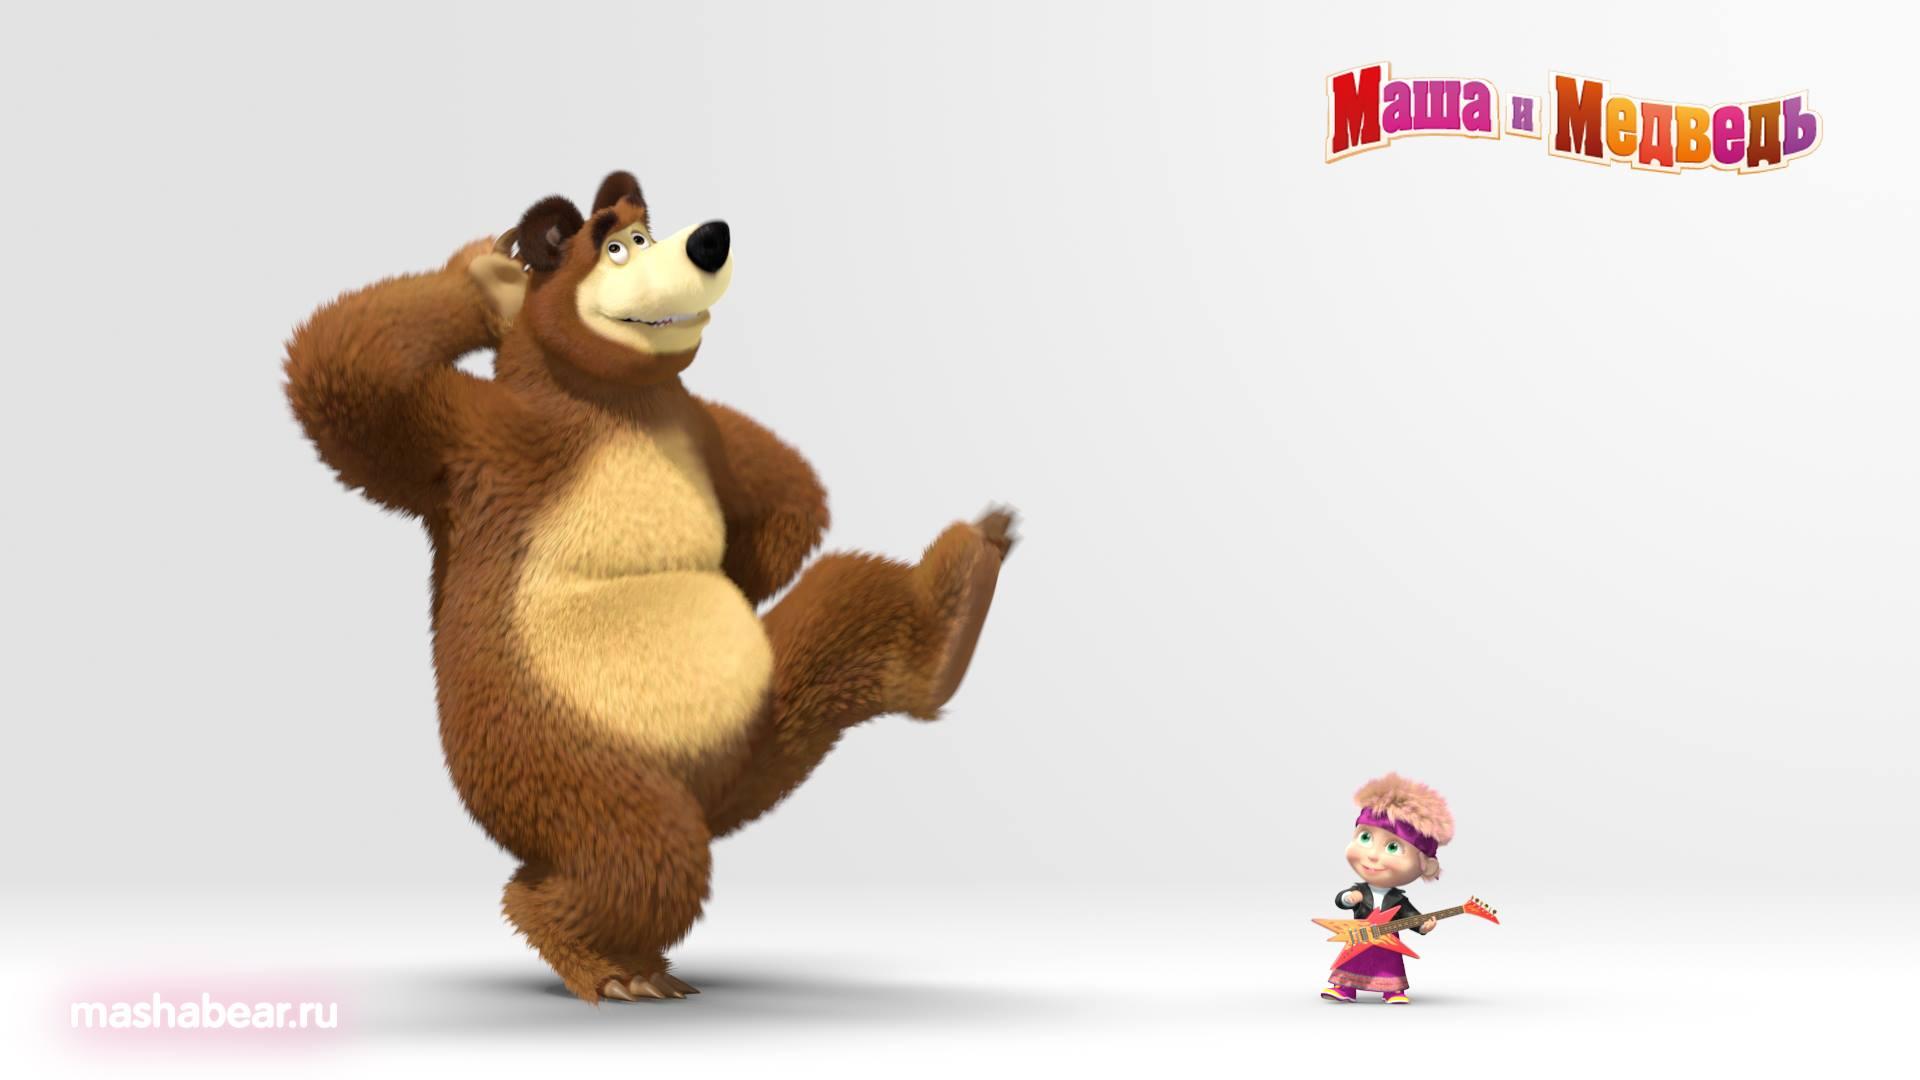 Сексуальная маша и медведь 8 фотография